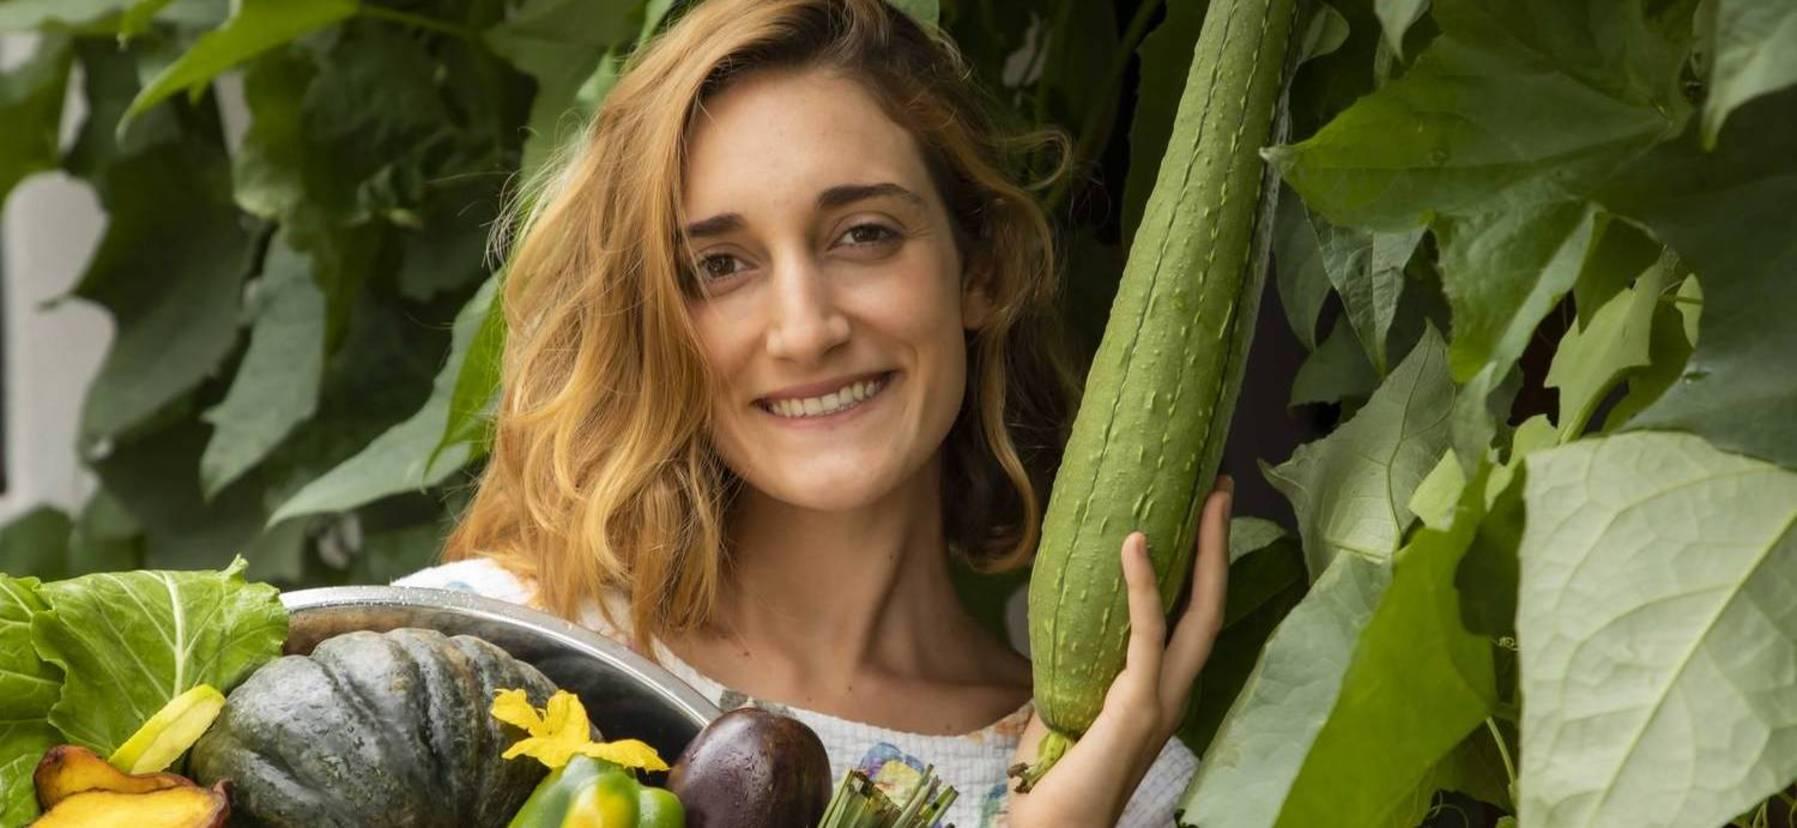 A jovem Natalia Luglio é vegana há 4 anos e hoje pilota um restaurante plant-based em São Paulo (Edu Garcia/ R7)